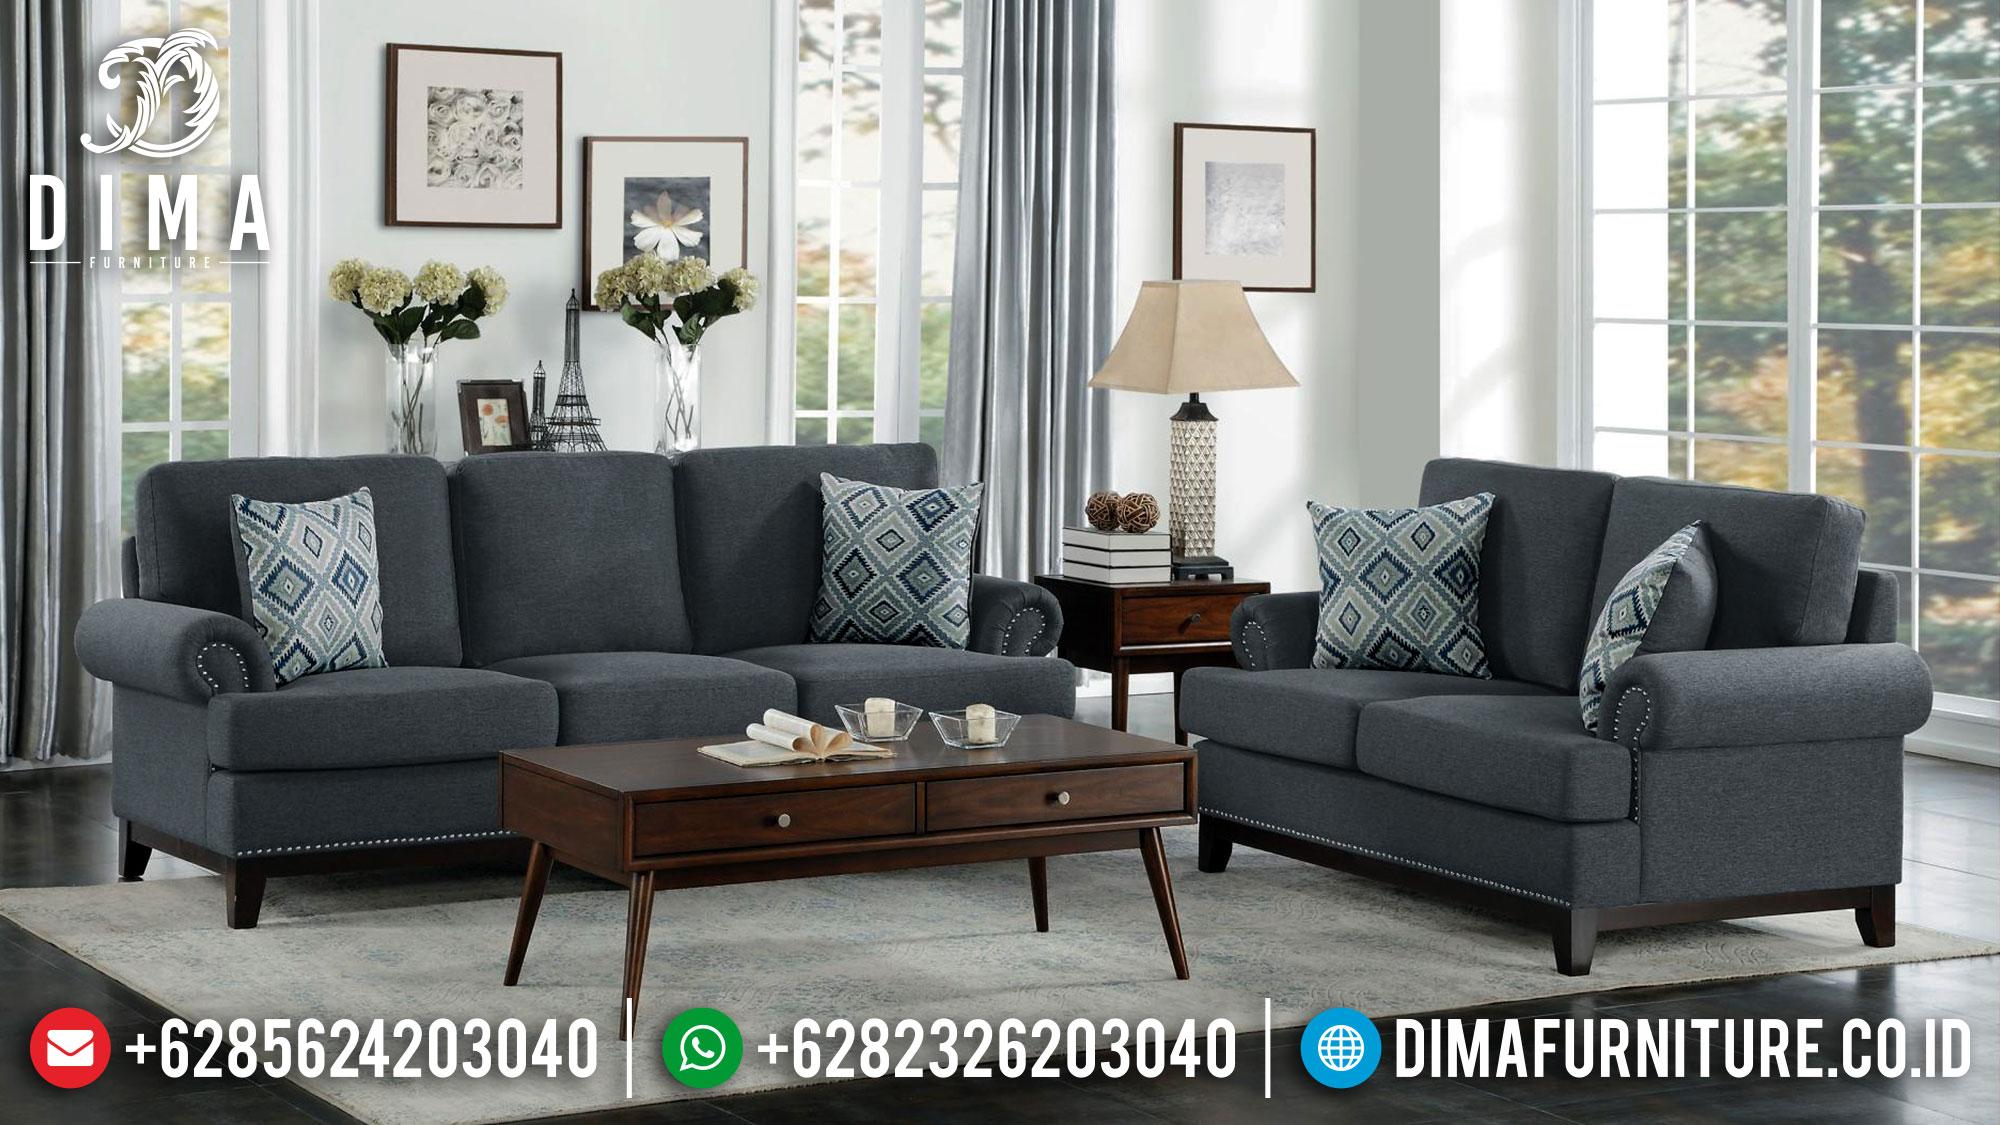 Sofa Tamu Minimalis Jati Jepara Luxurious Design Simple Mm-0943